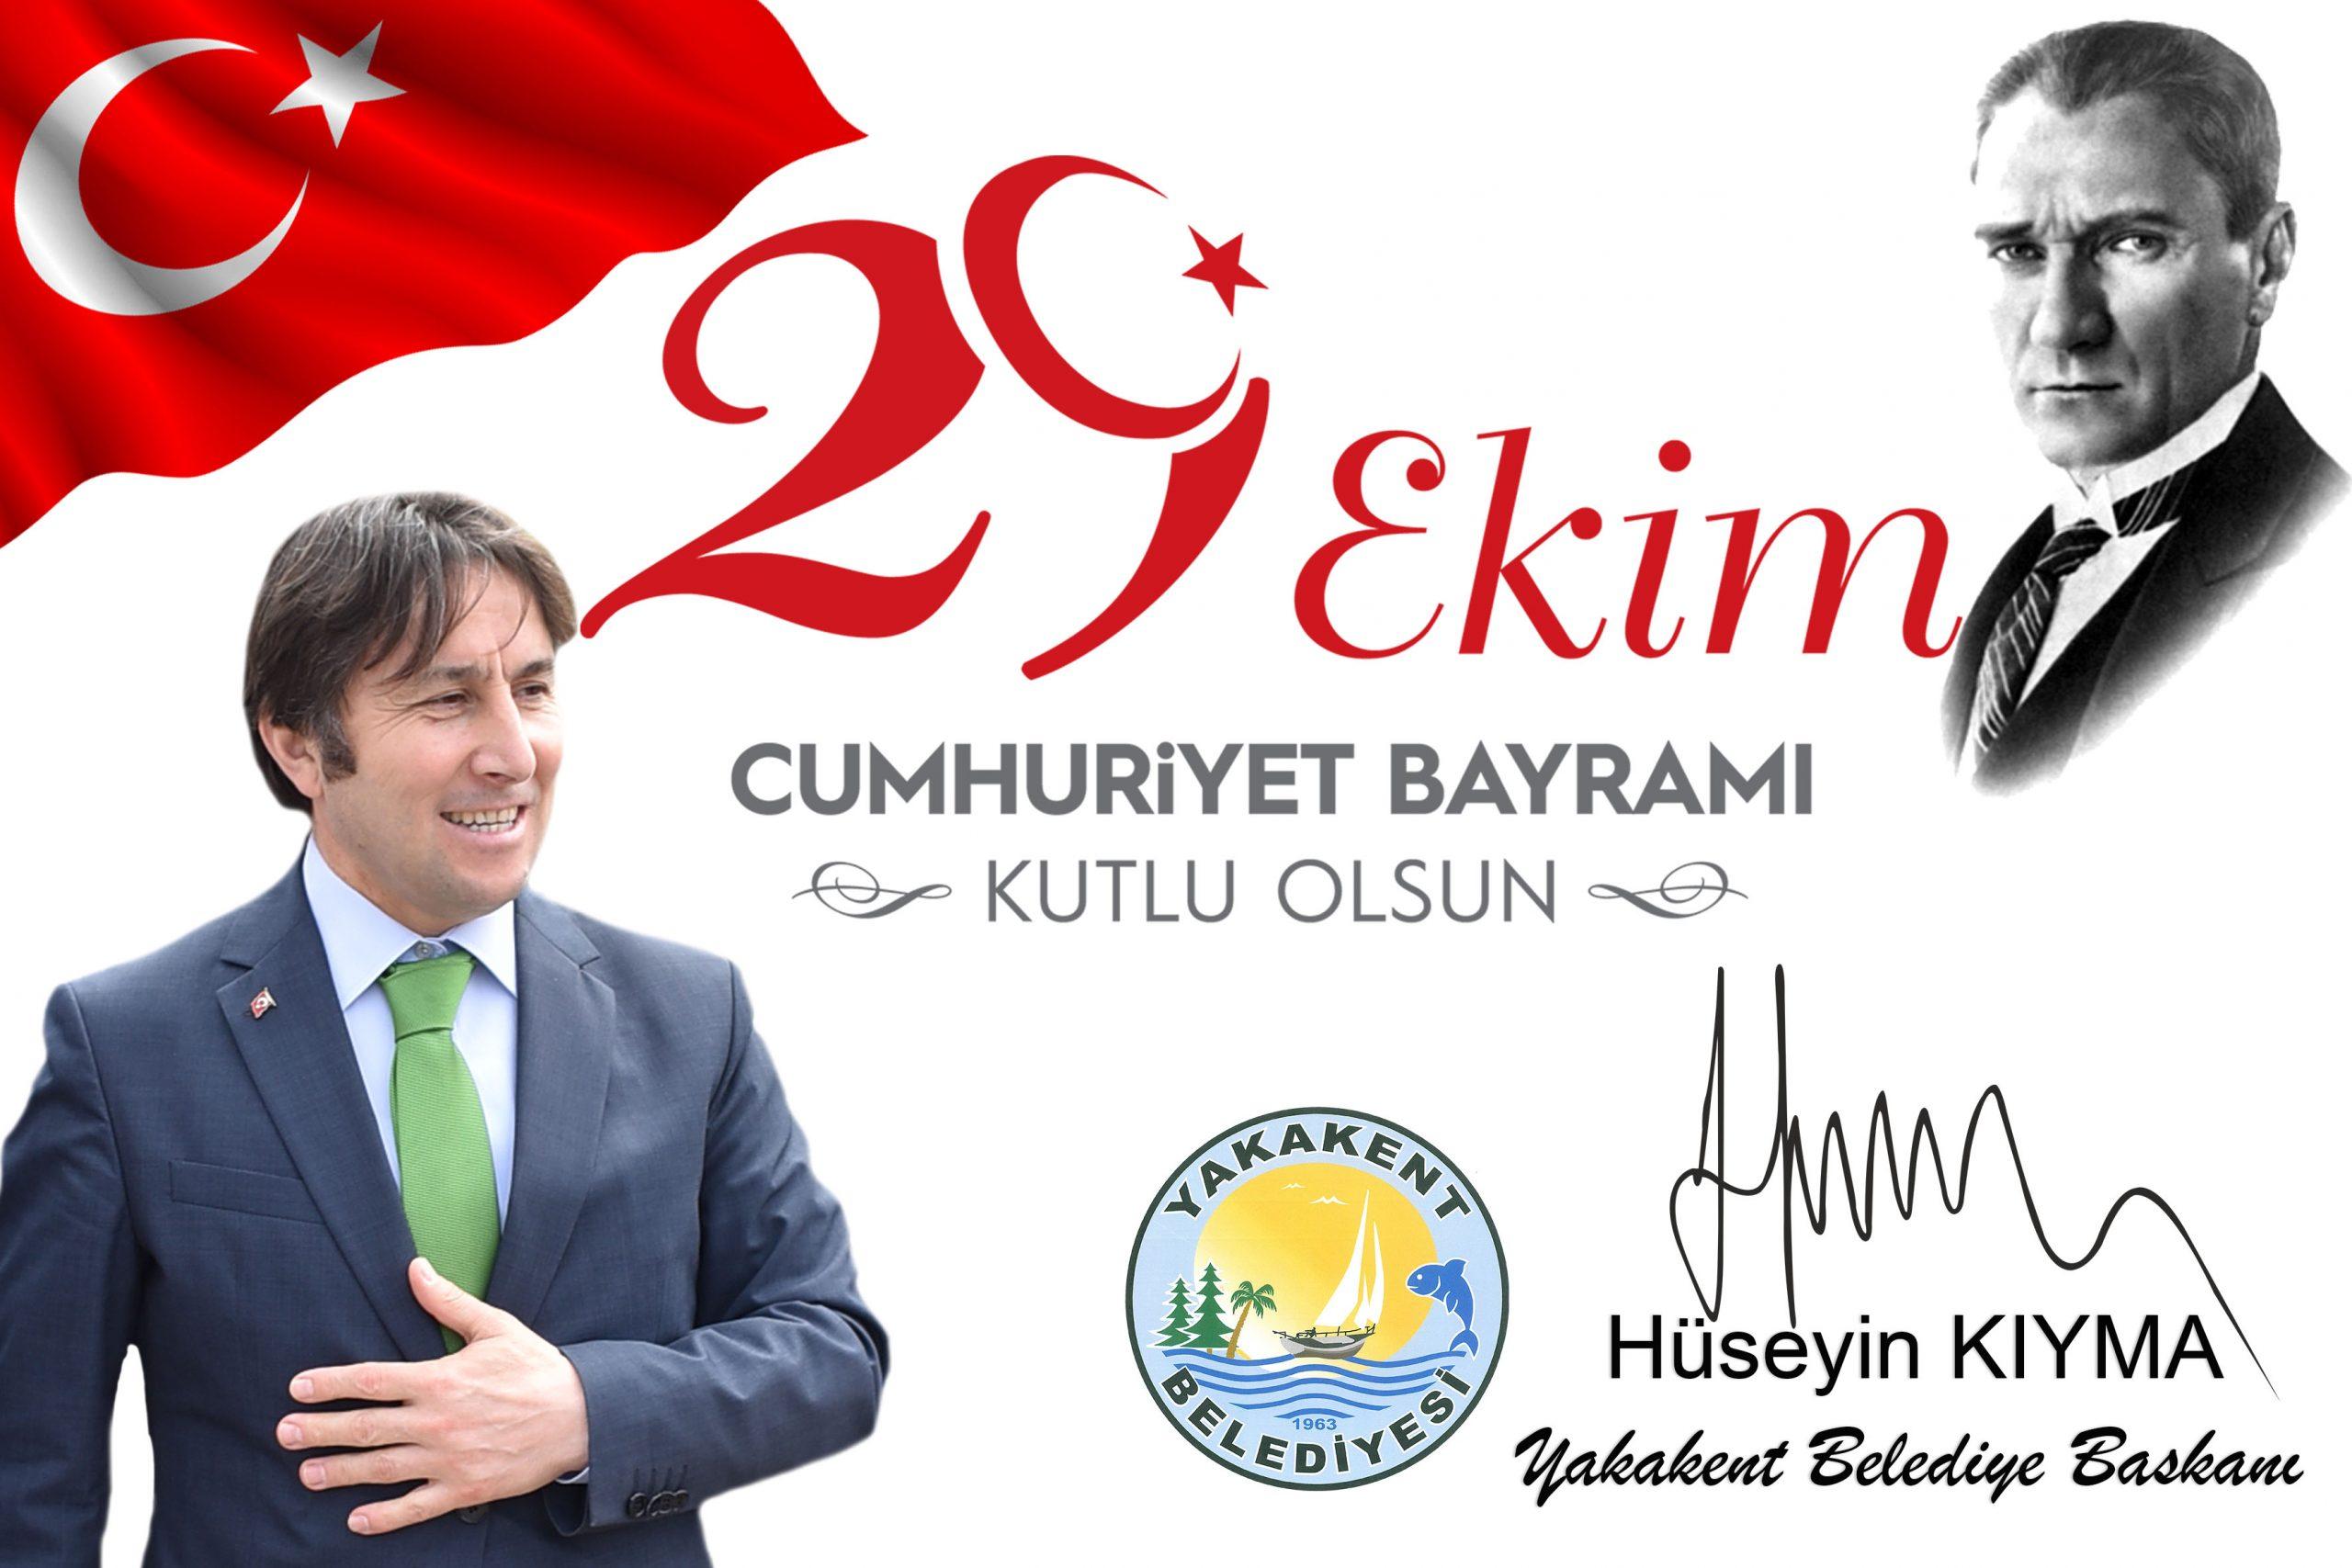 Başkanımız Hüseyin KIYMA 29 Ekim Cumhuriyet Bayramı Mesajı